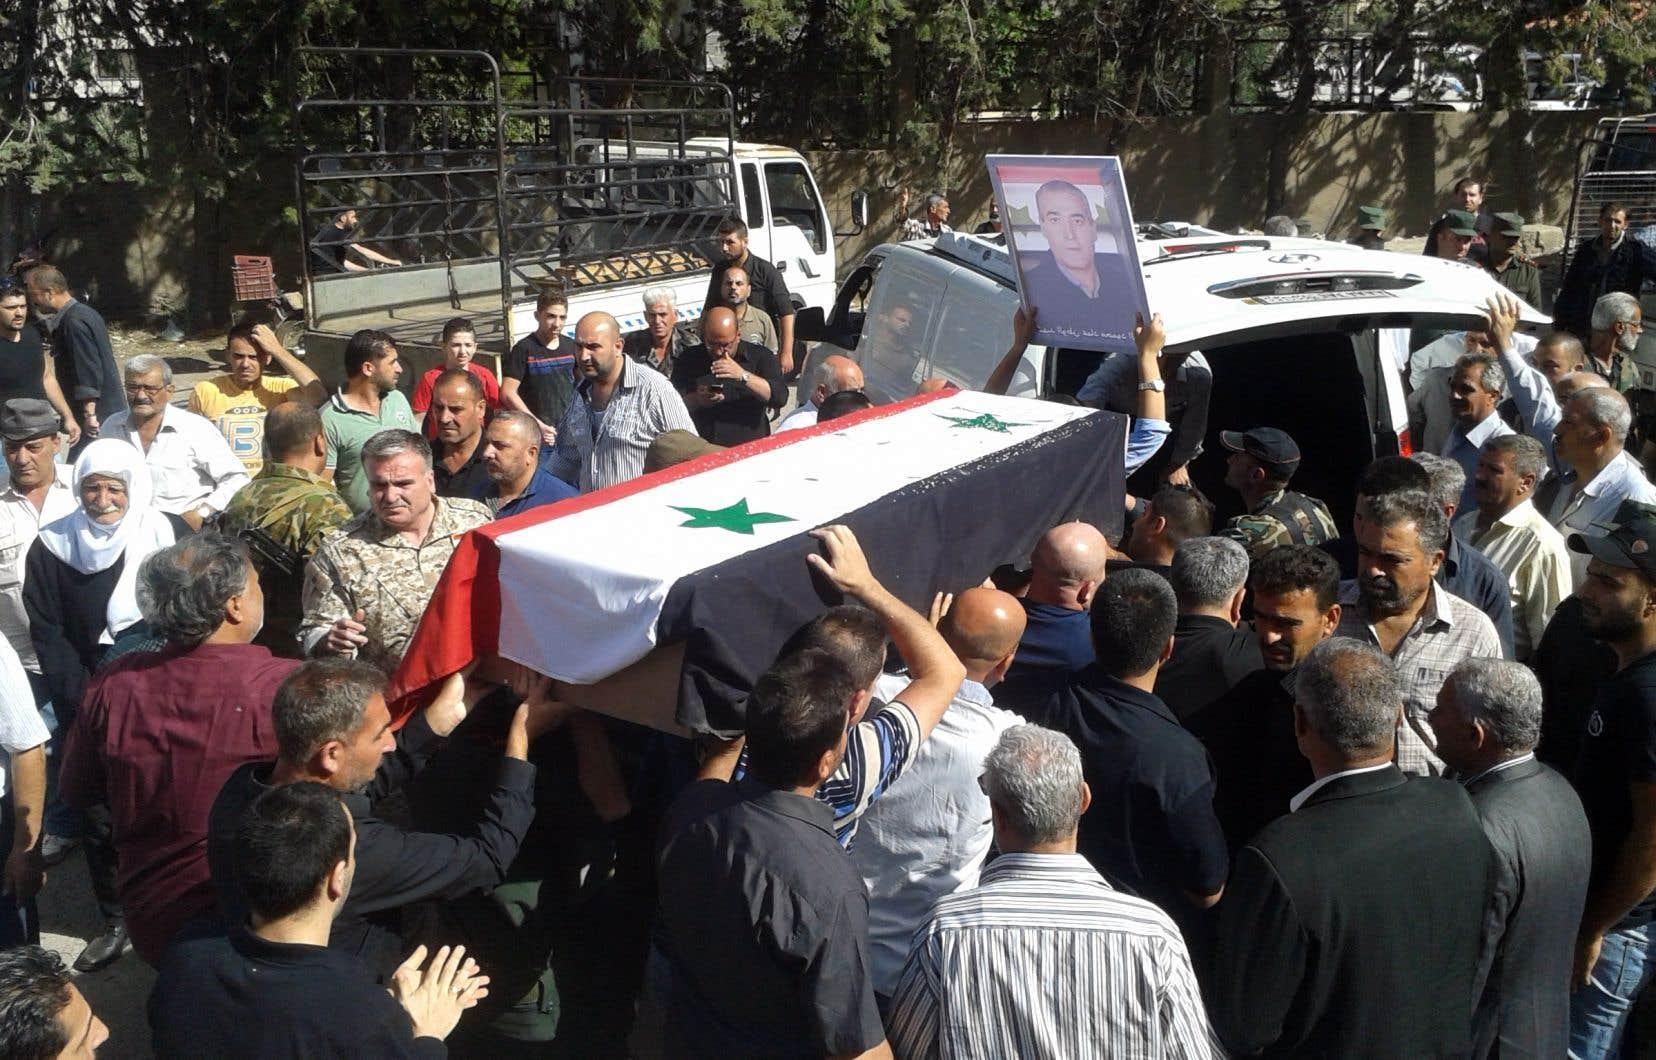 Le 25juillet, le groupe EI a lancé une série d'attaques coordonnées, notamment dans le chef-lieu de la province, qui ont fait plus de 250 morts.